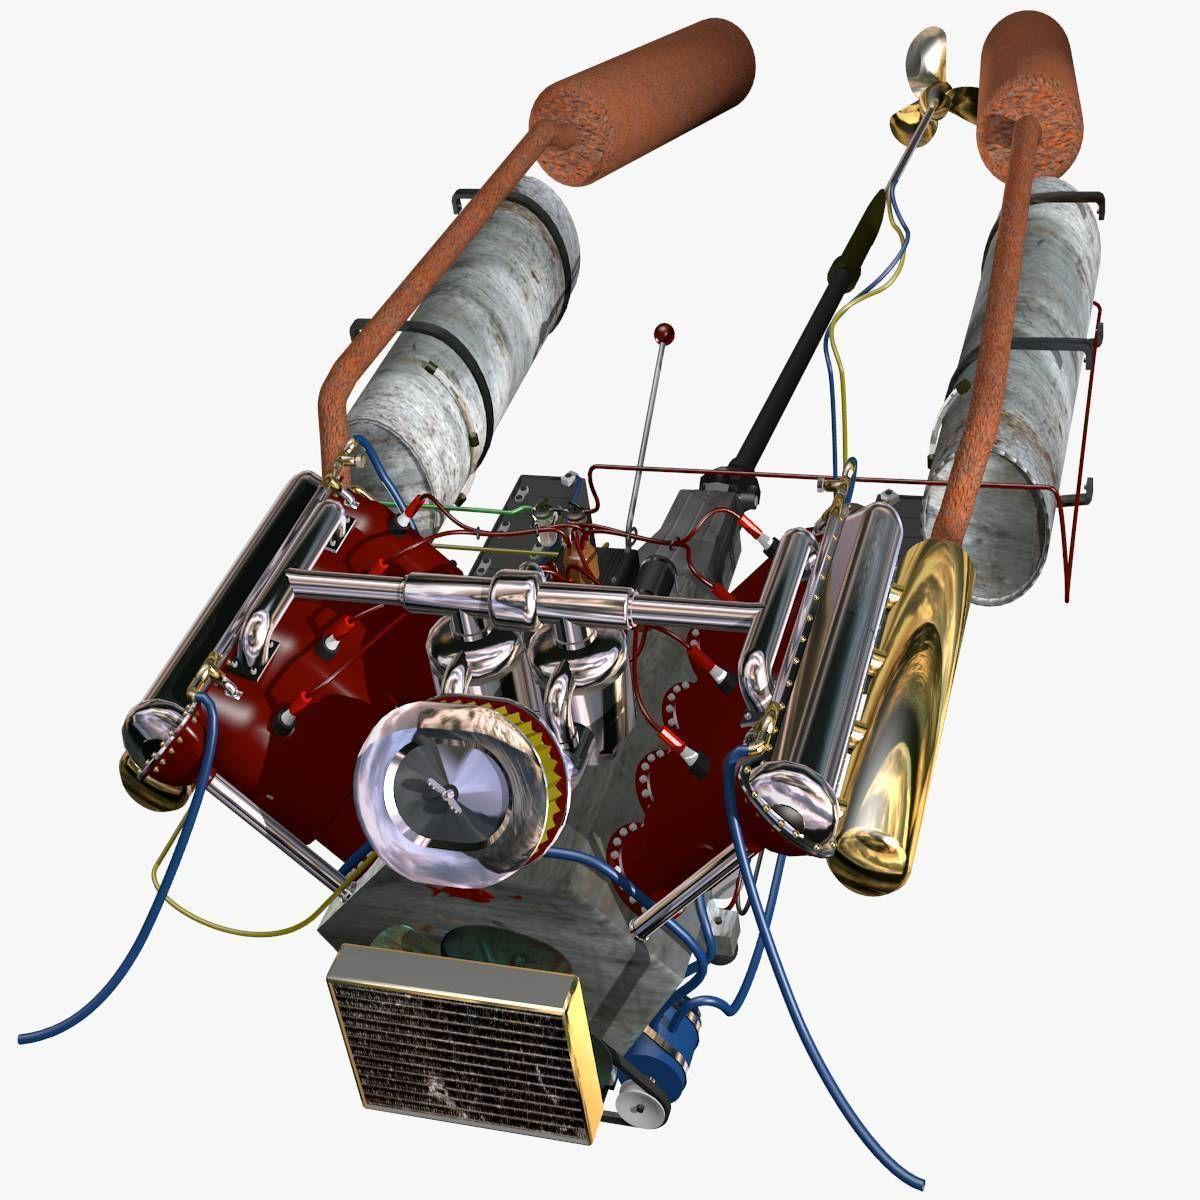 V-8 Marine Engine